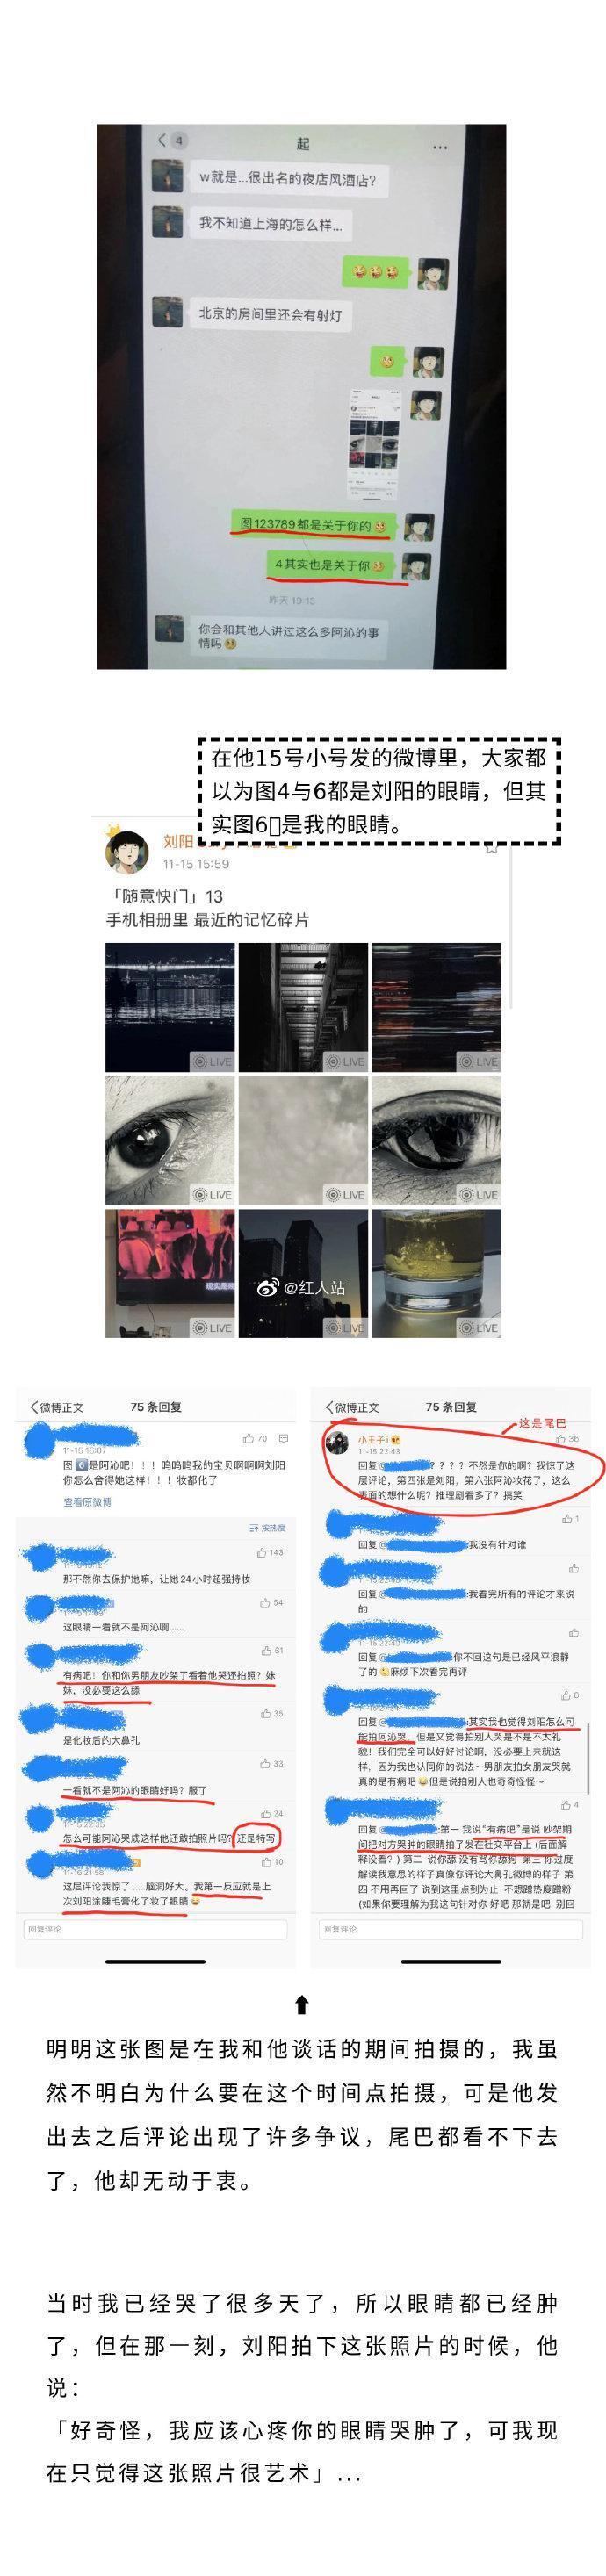 网红阿沁宣布与刘阳分手:晒对方出轨证据图